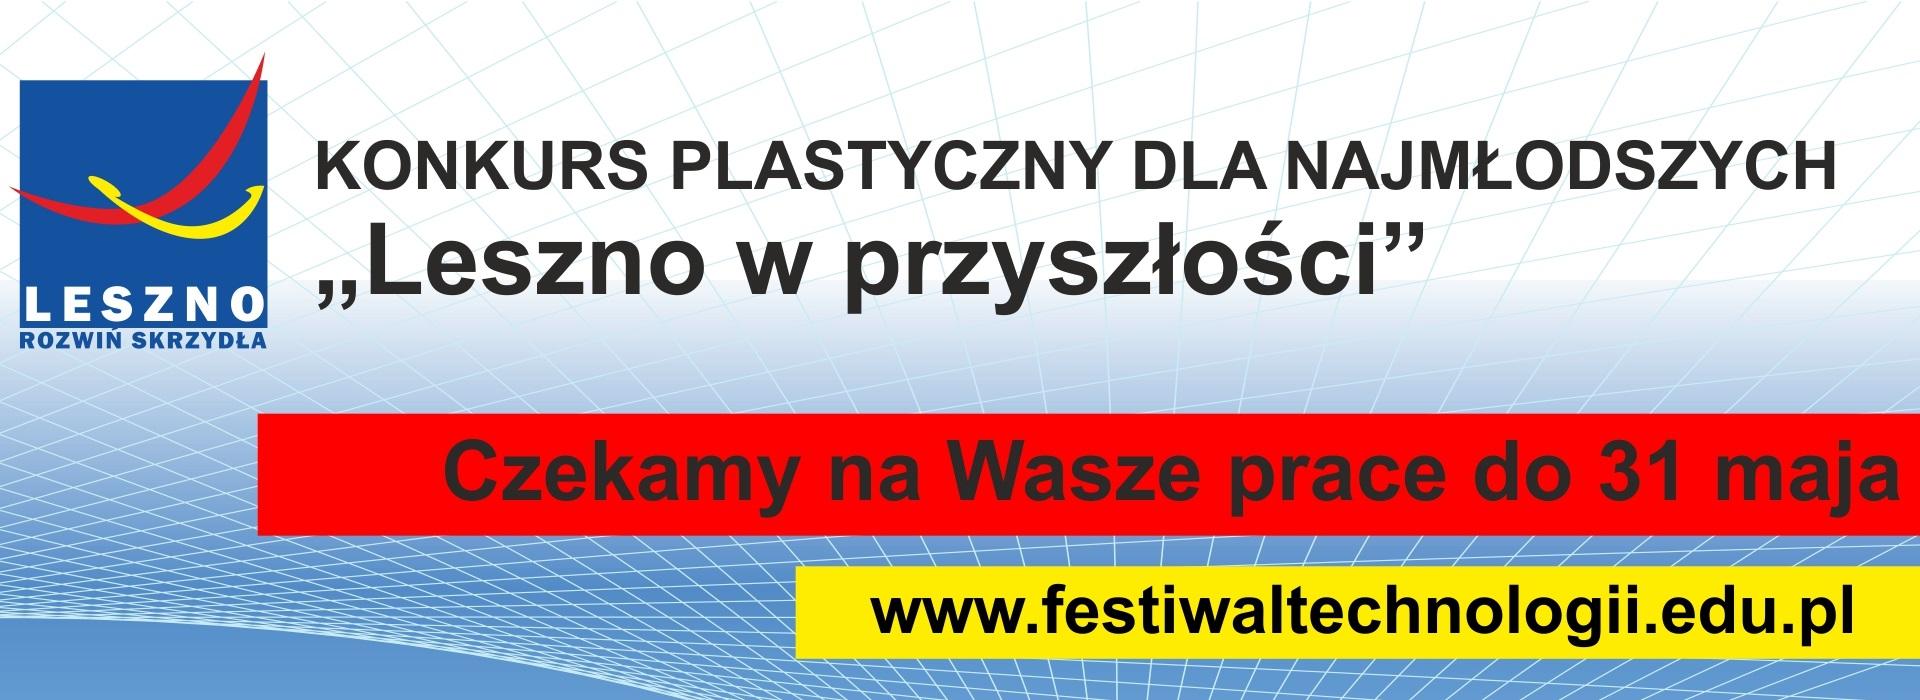 PLASTYCZNY 2017